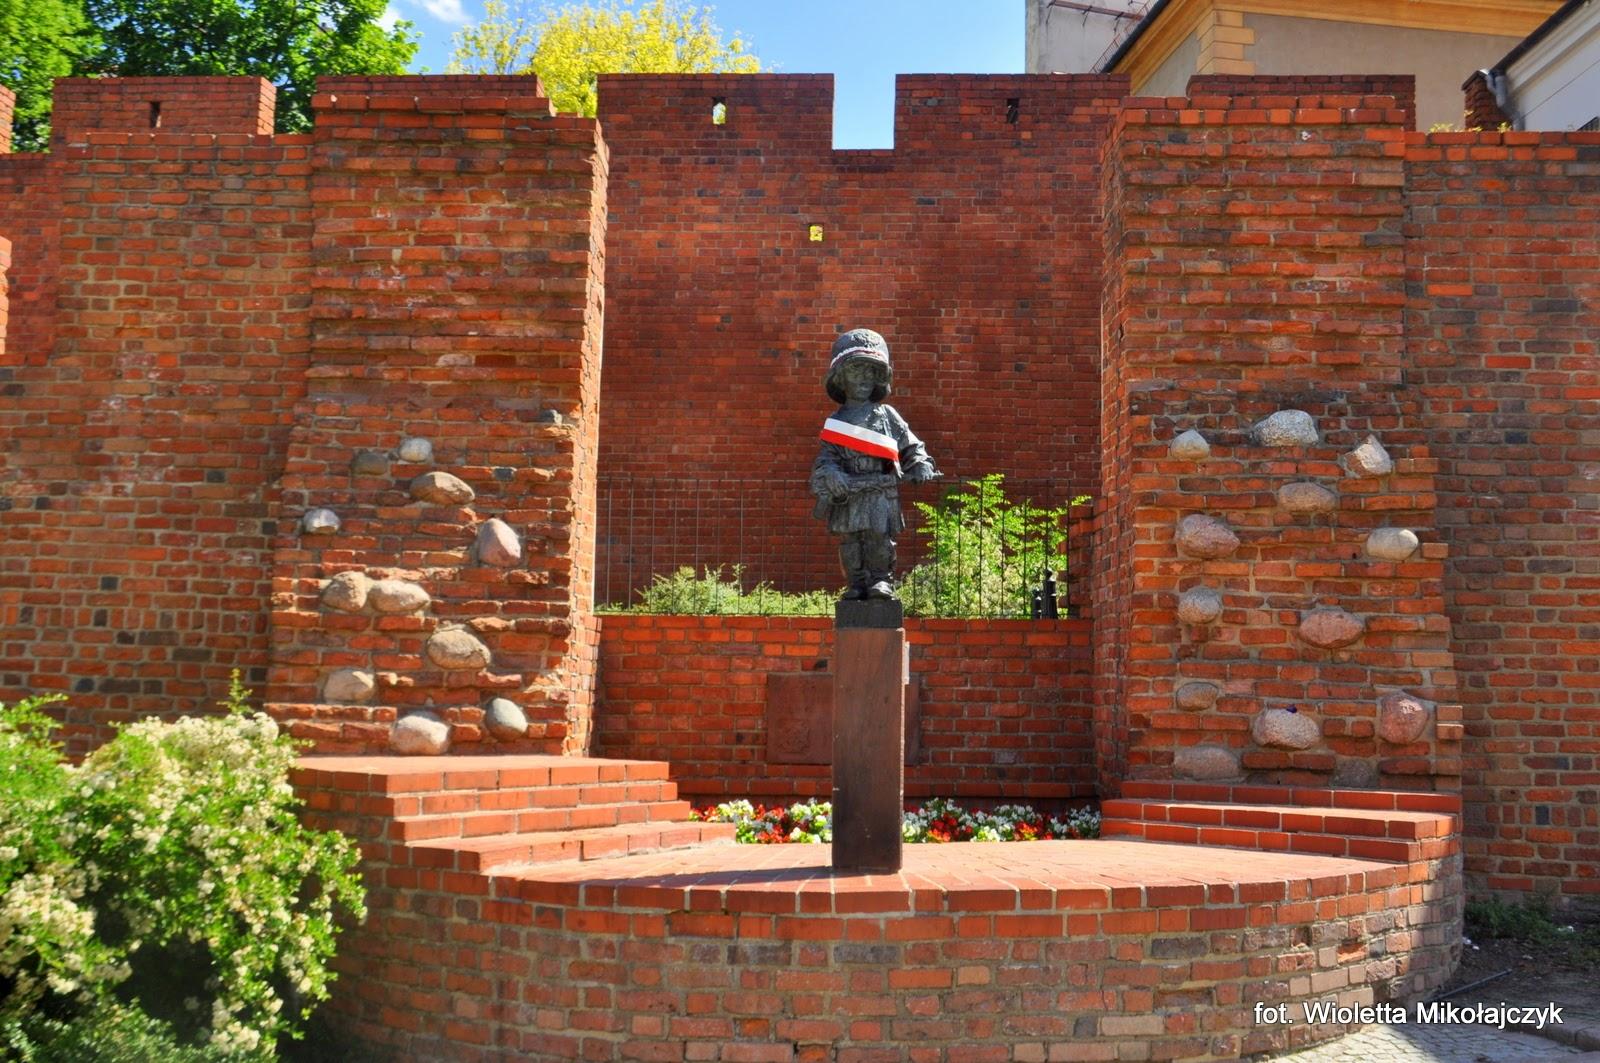 Pomnik Małego Powstańca. Pomnik burzliwej historii stolicy!